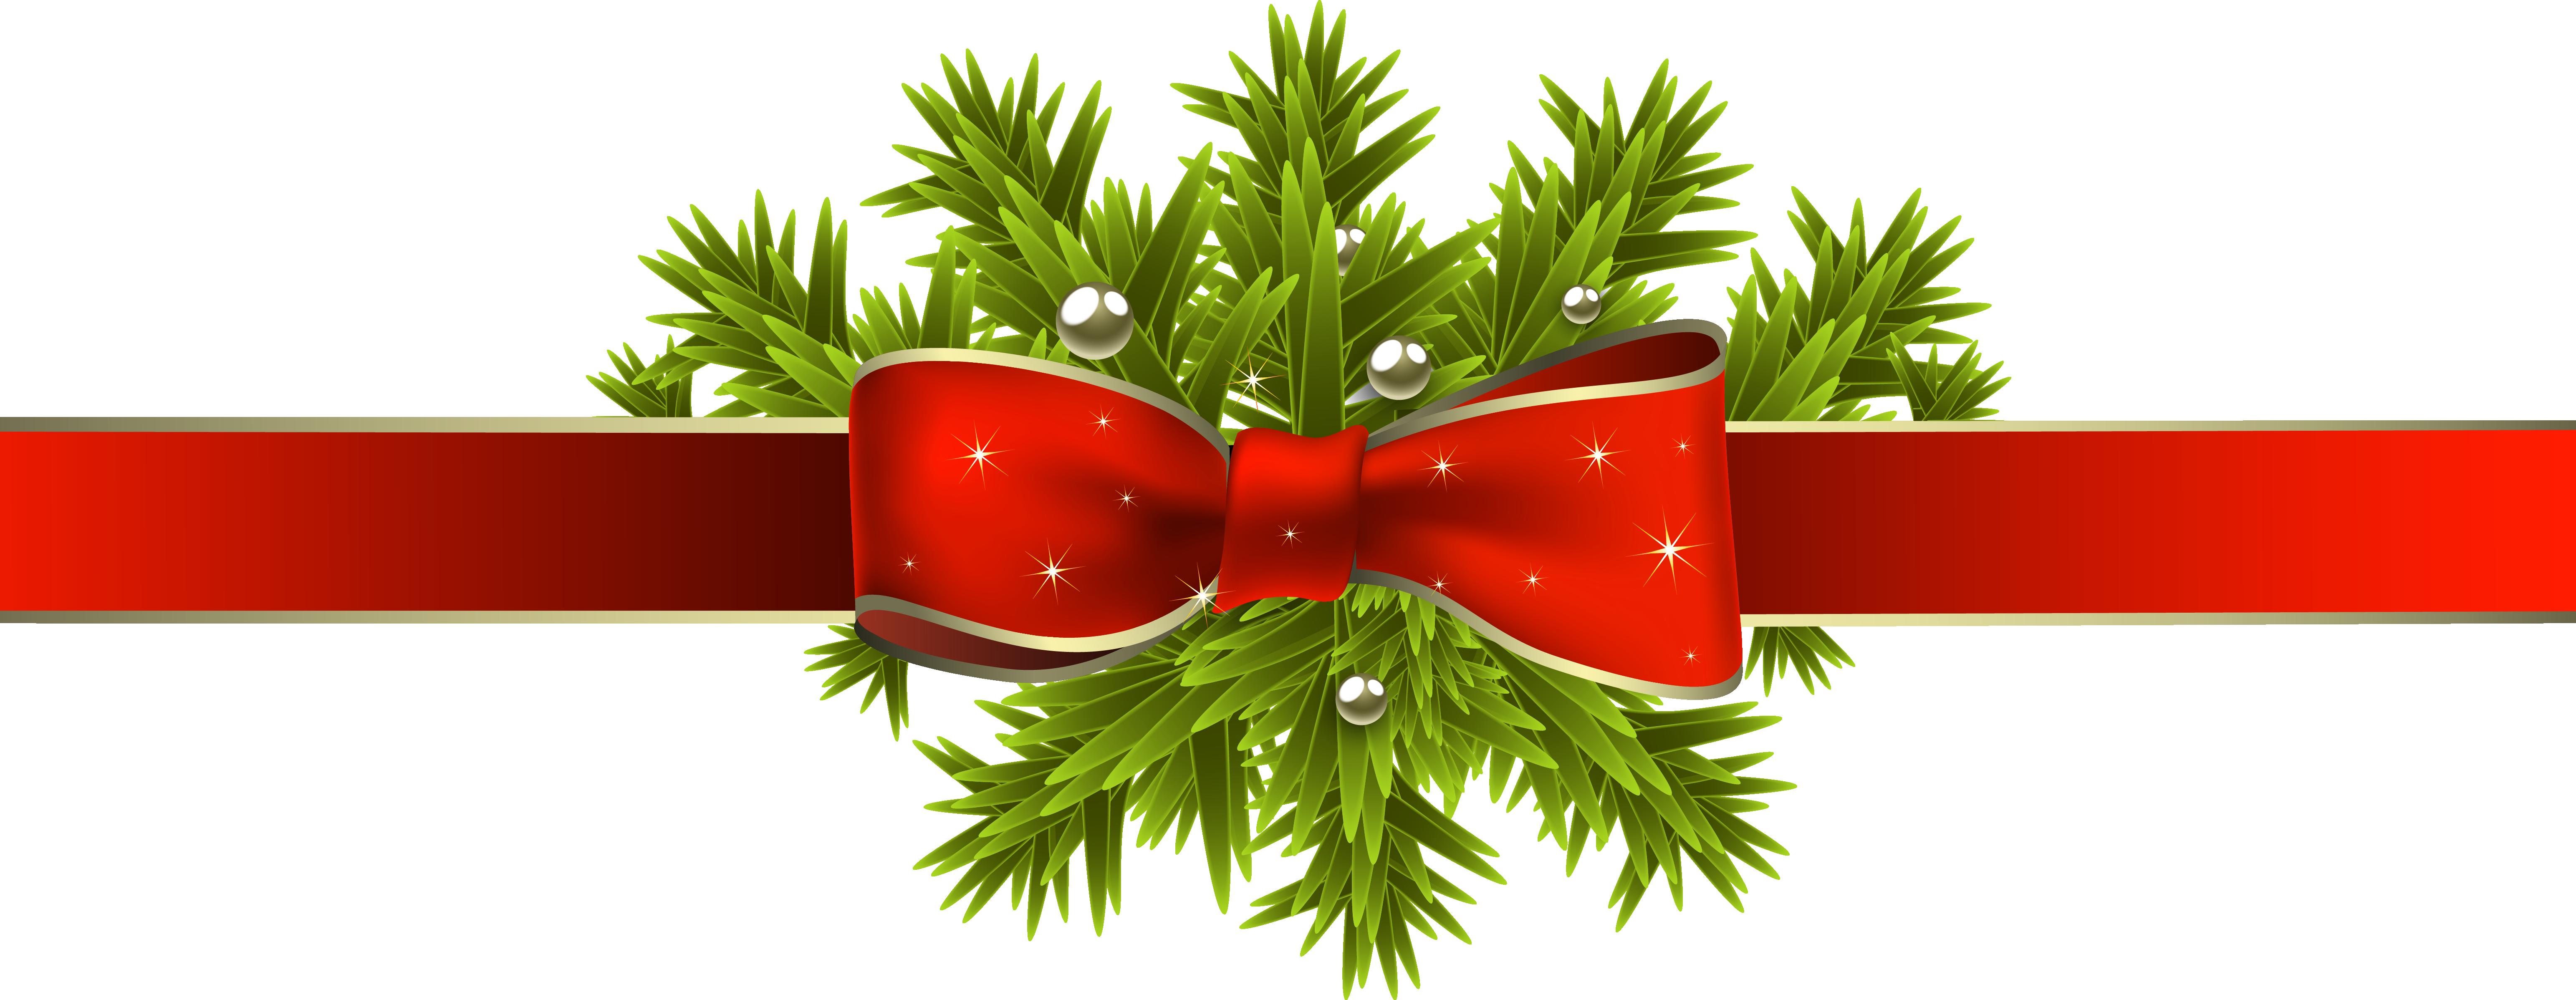 Christmas PNG - 25234